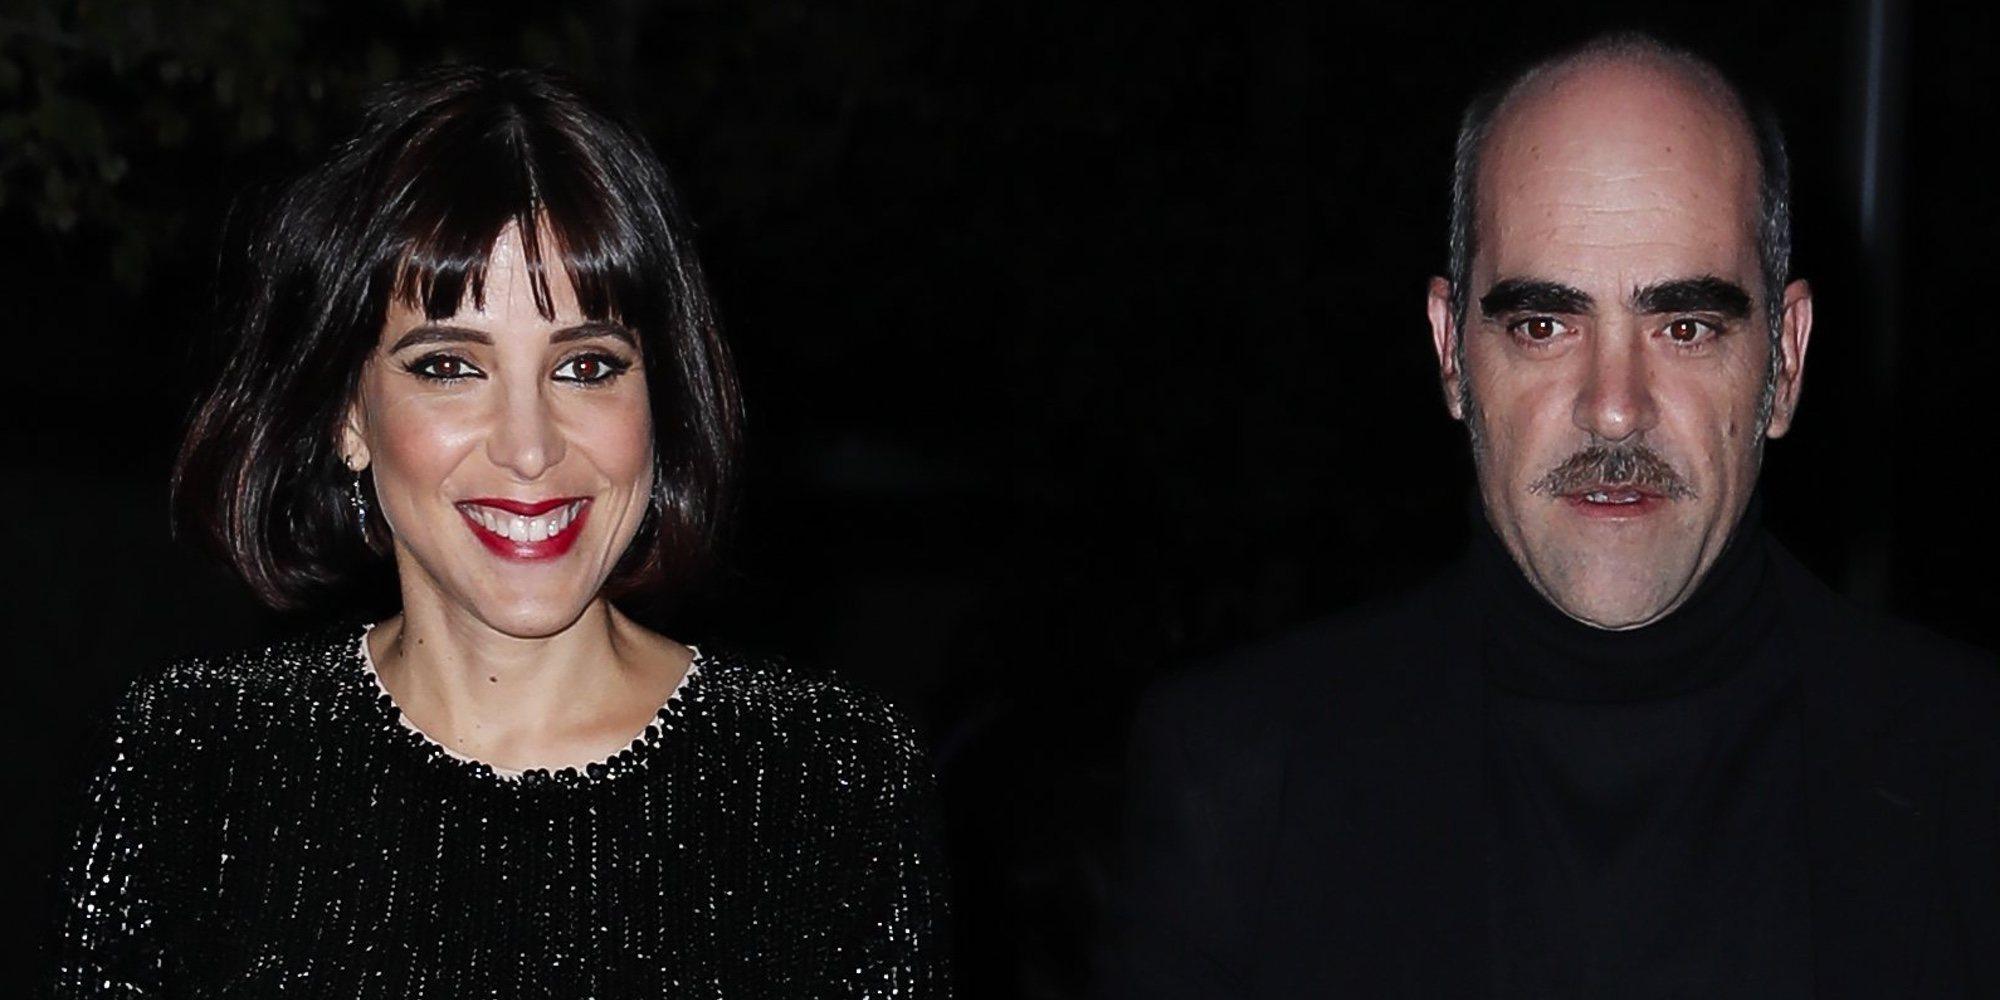 4611a33e7 Luis Tosar y María Luisa Mayol van a ser padres por segunda vez ...